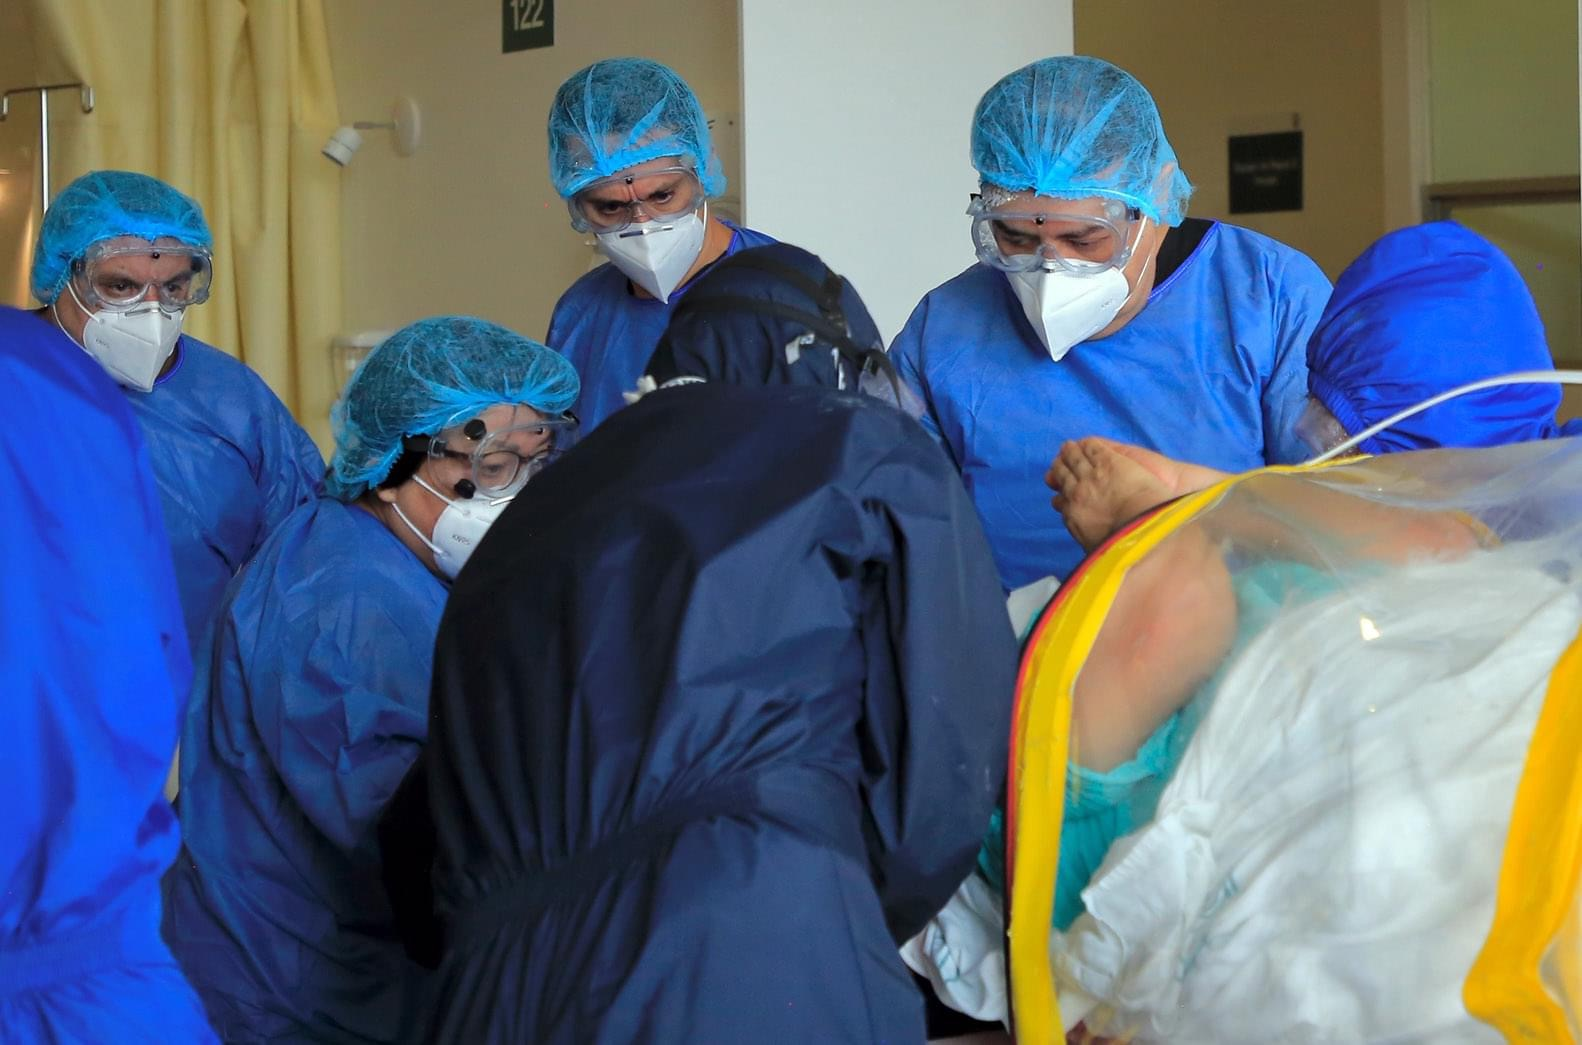 Mueren 334 personas en menos de 24 horas por Covid19 en México